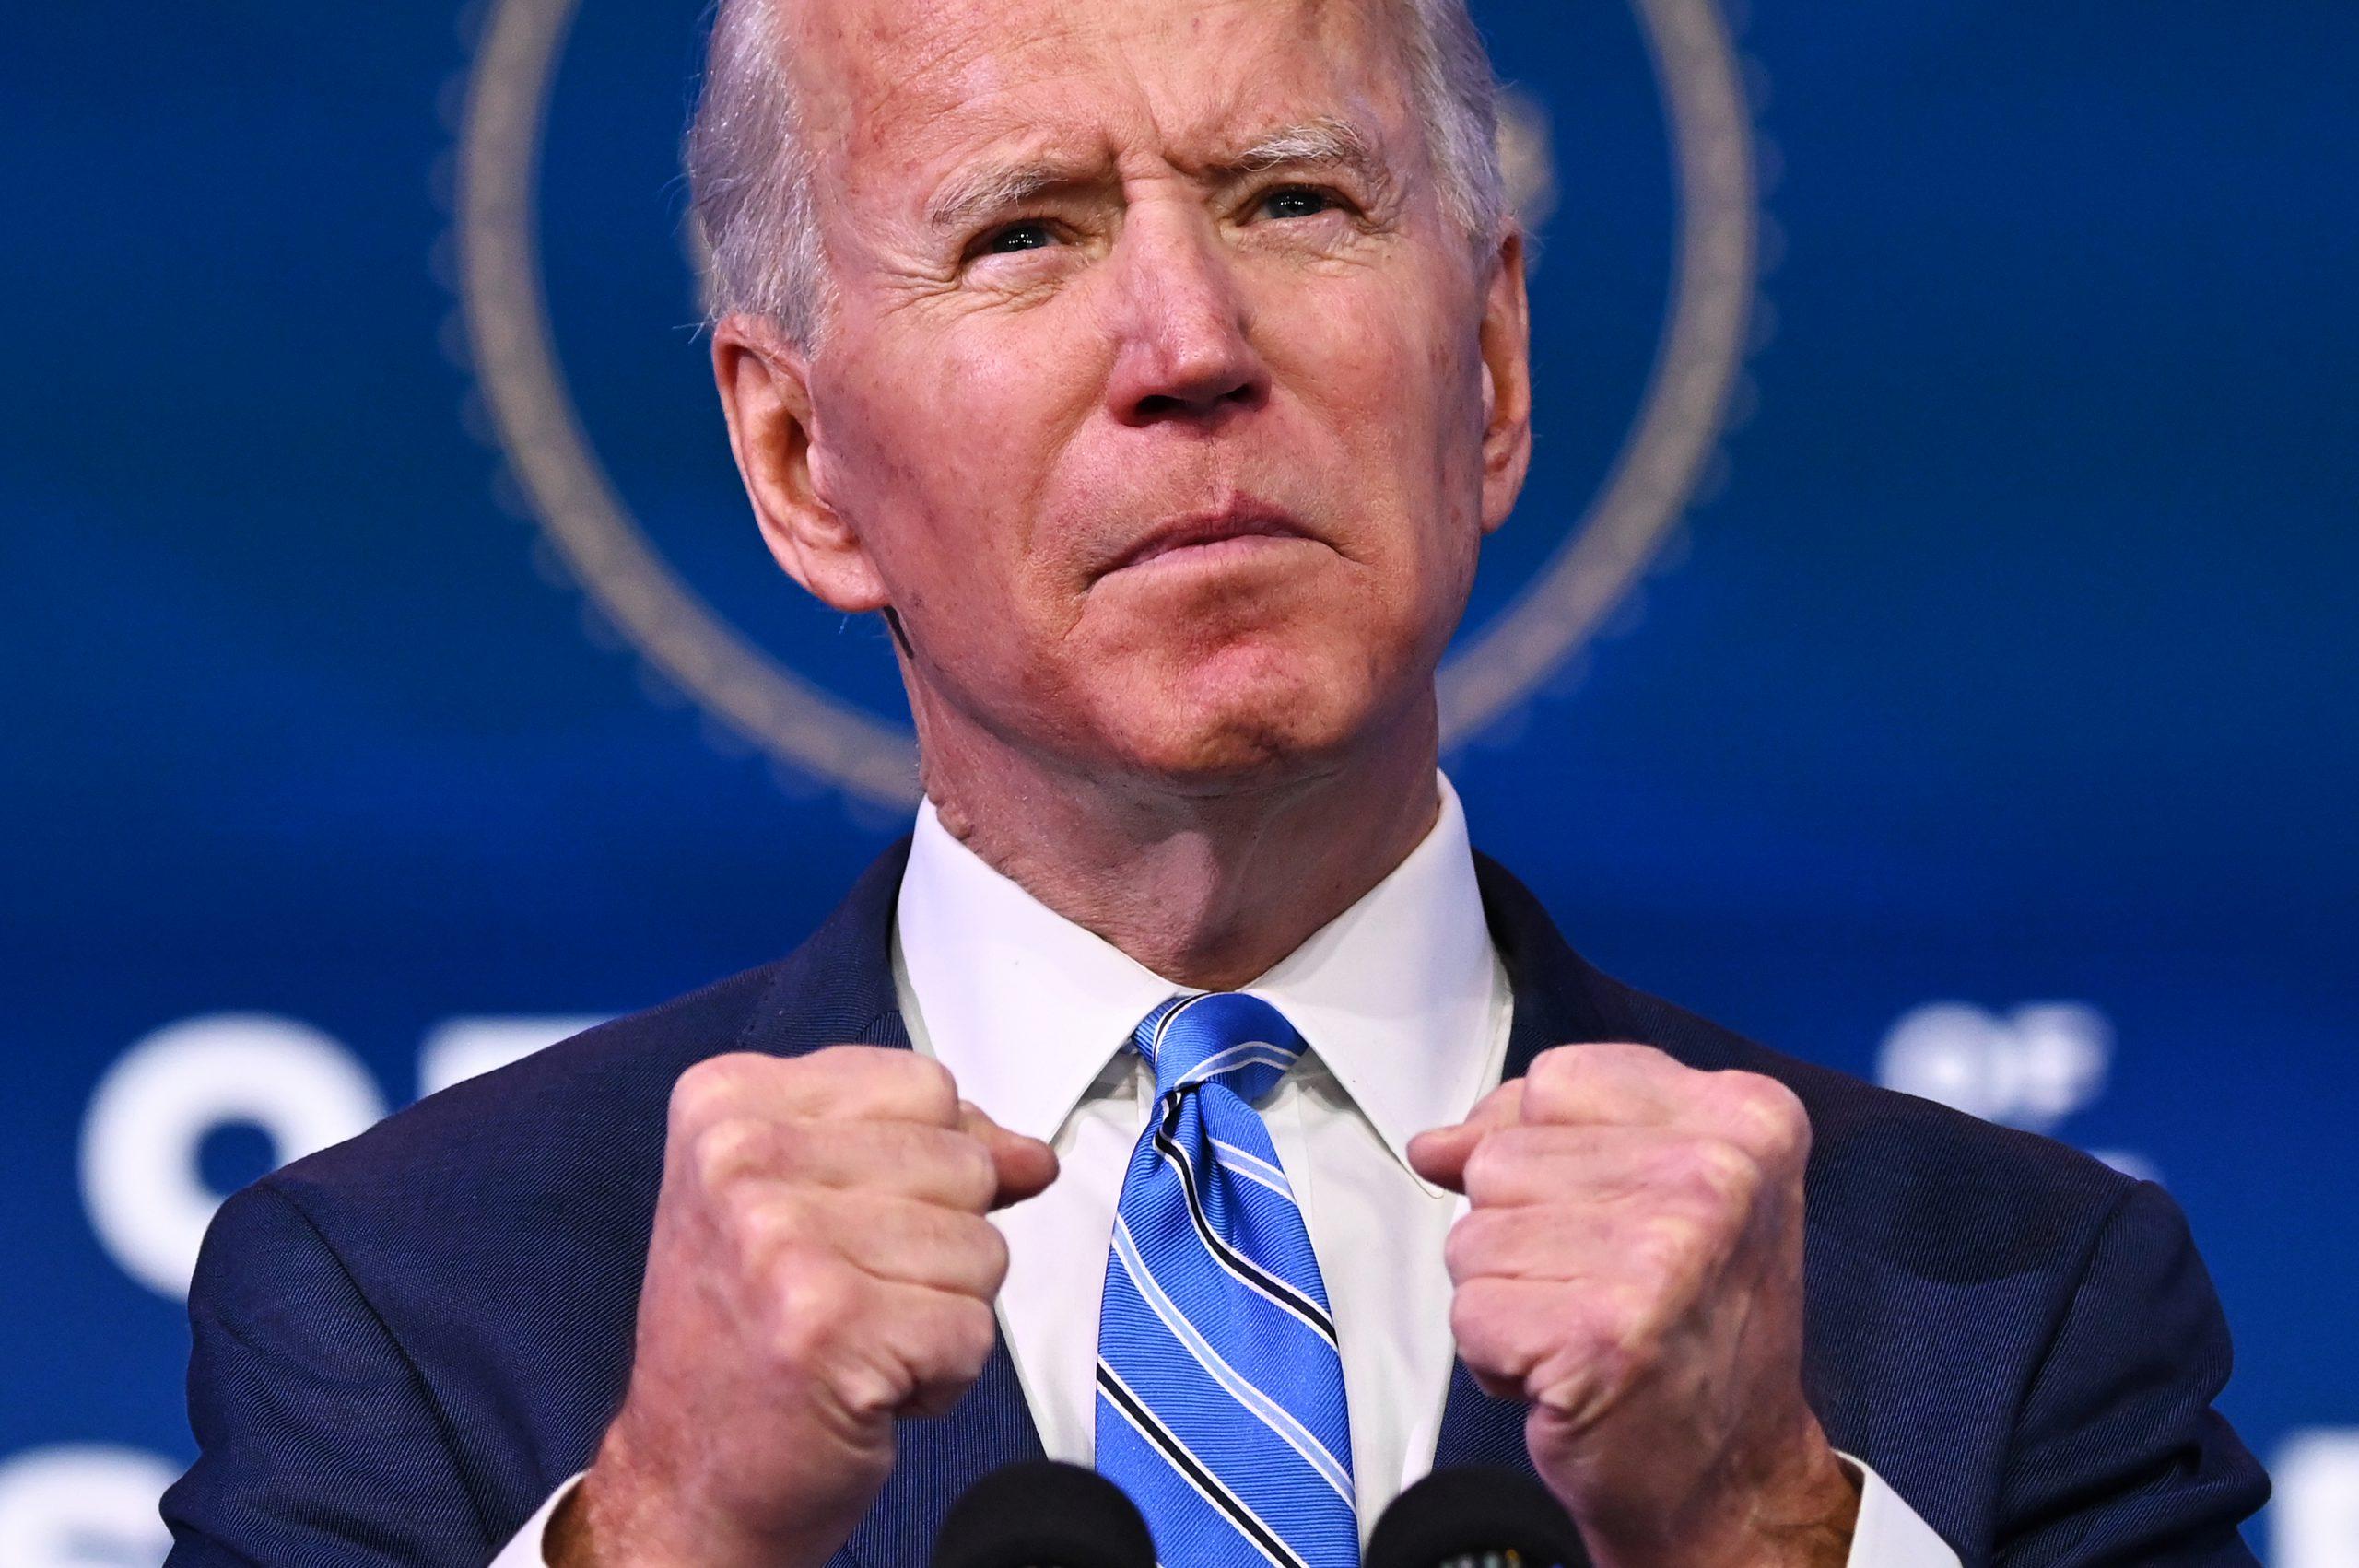 Biden promete vacunas contra covid para todos los estadounidenses antes de agosto